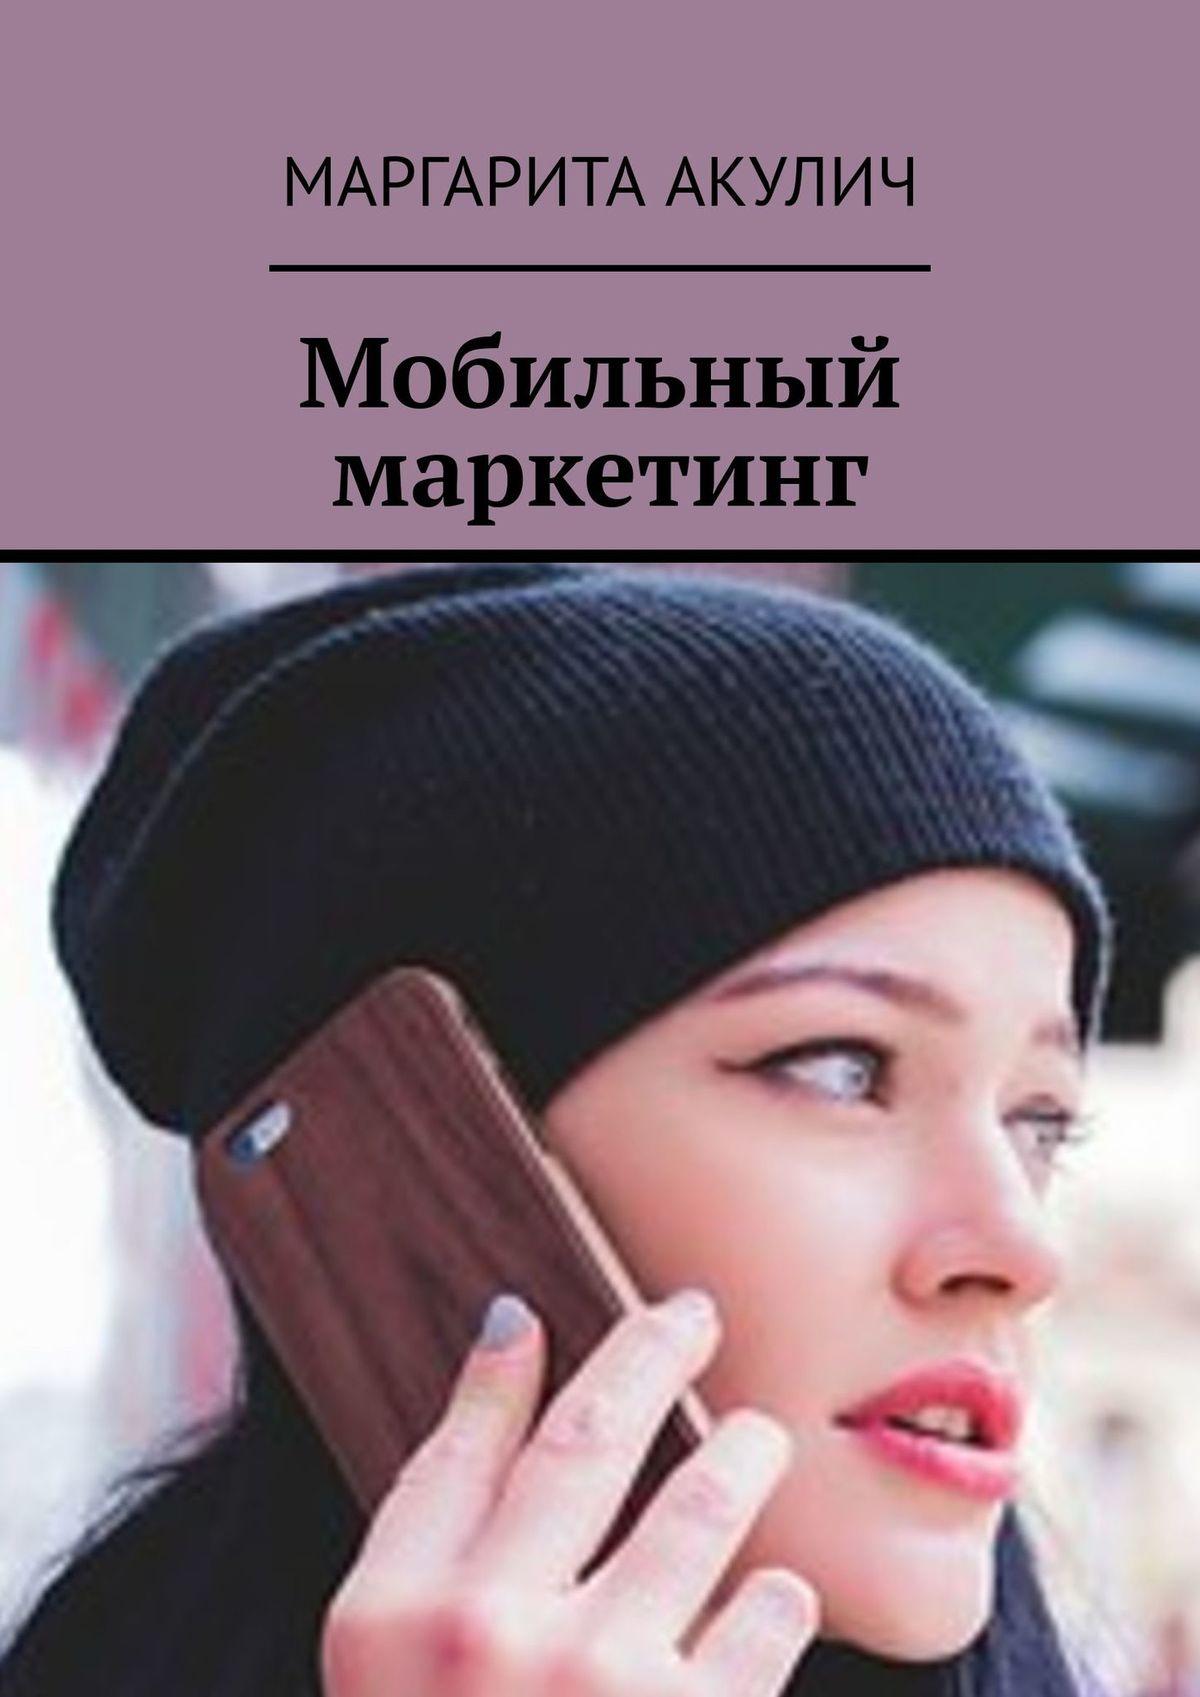 лучшая цена Маргарита Акулич Мобильный маркетинг